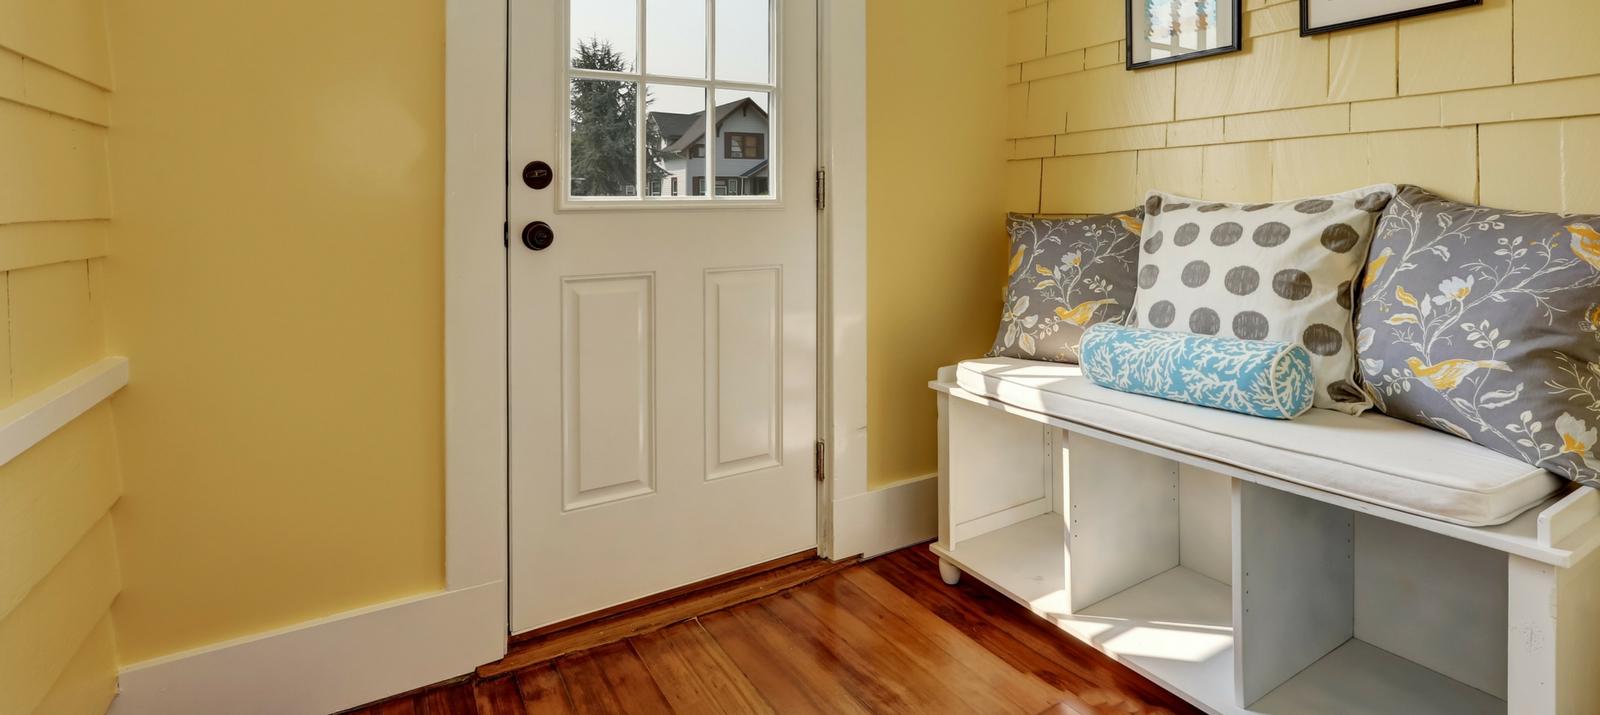 10 ایده جذاب و کاربردی برای سازماندهی ورودی خانه